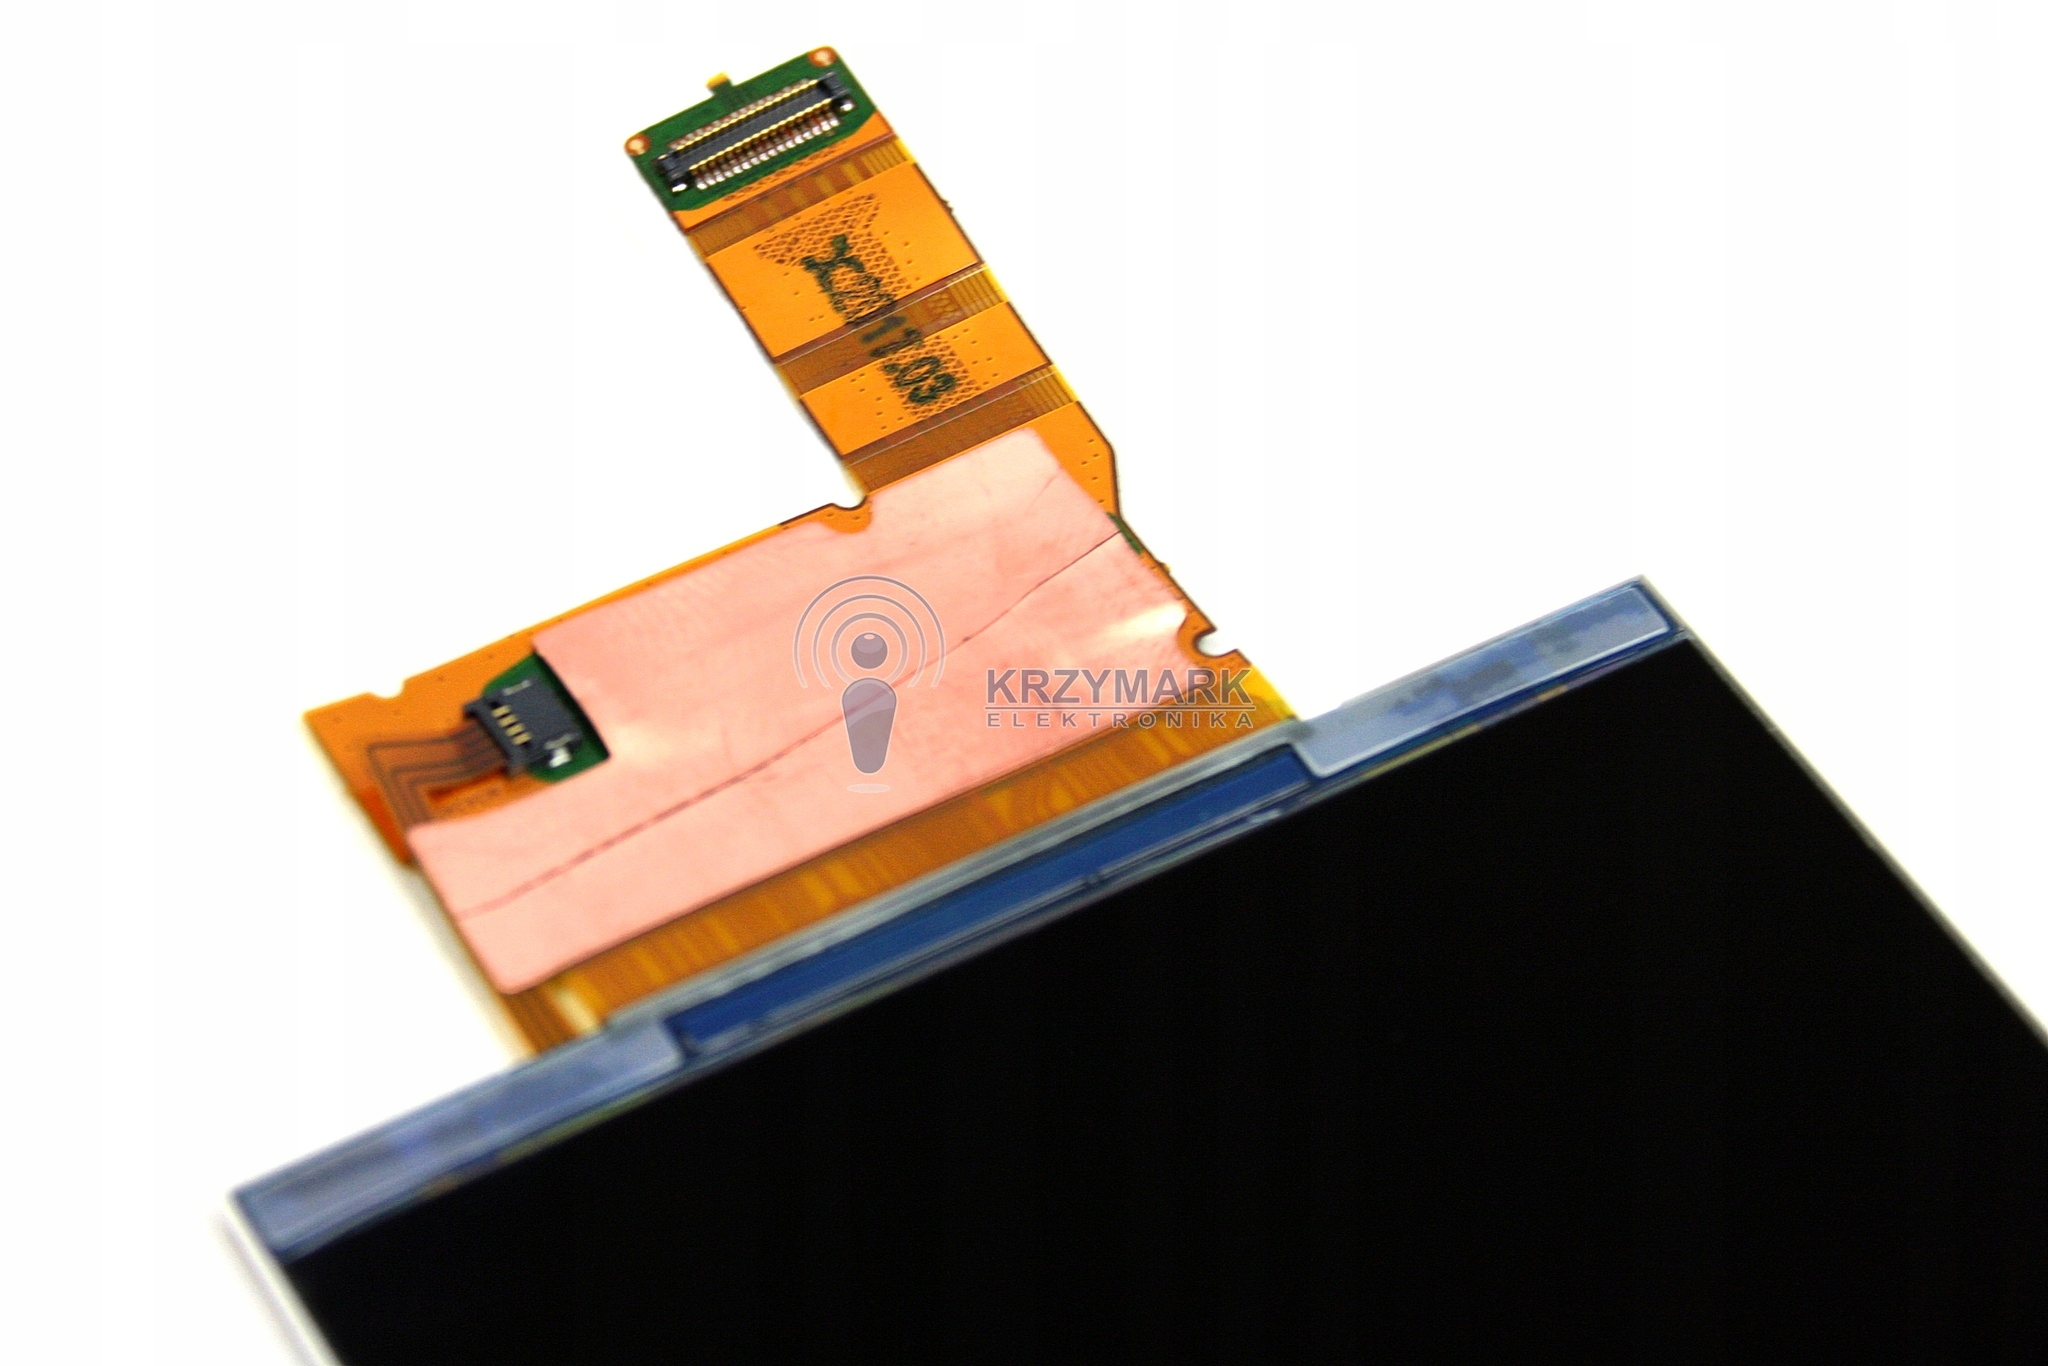 LCD WYSWIETLACZ SONY XPERIA SP C5303 C5306 M53H